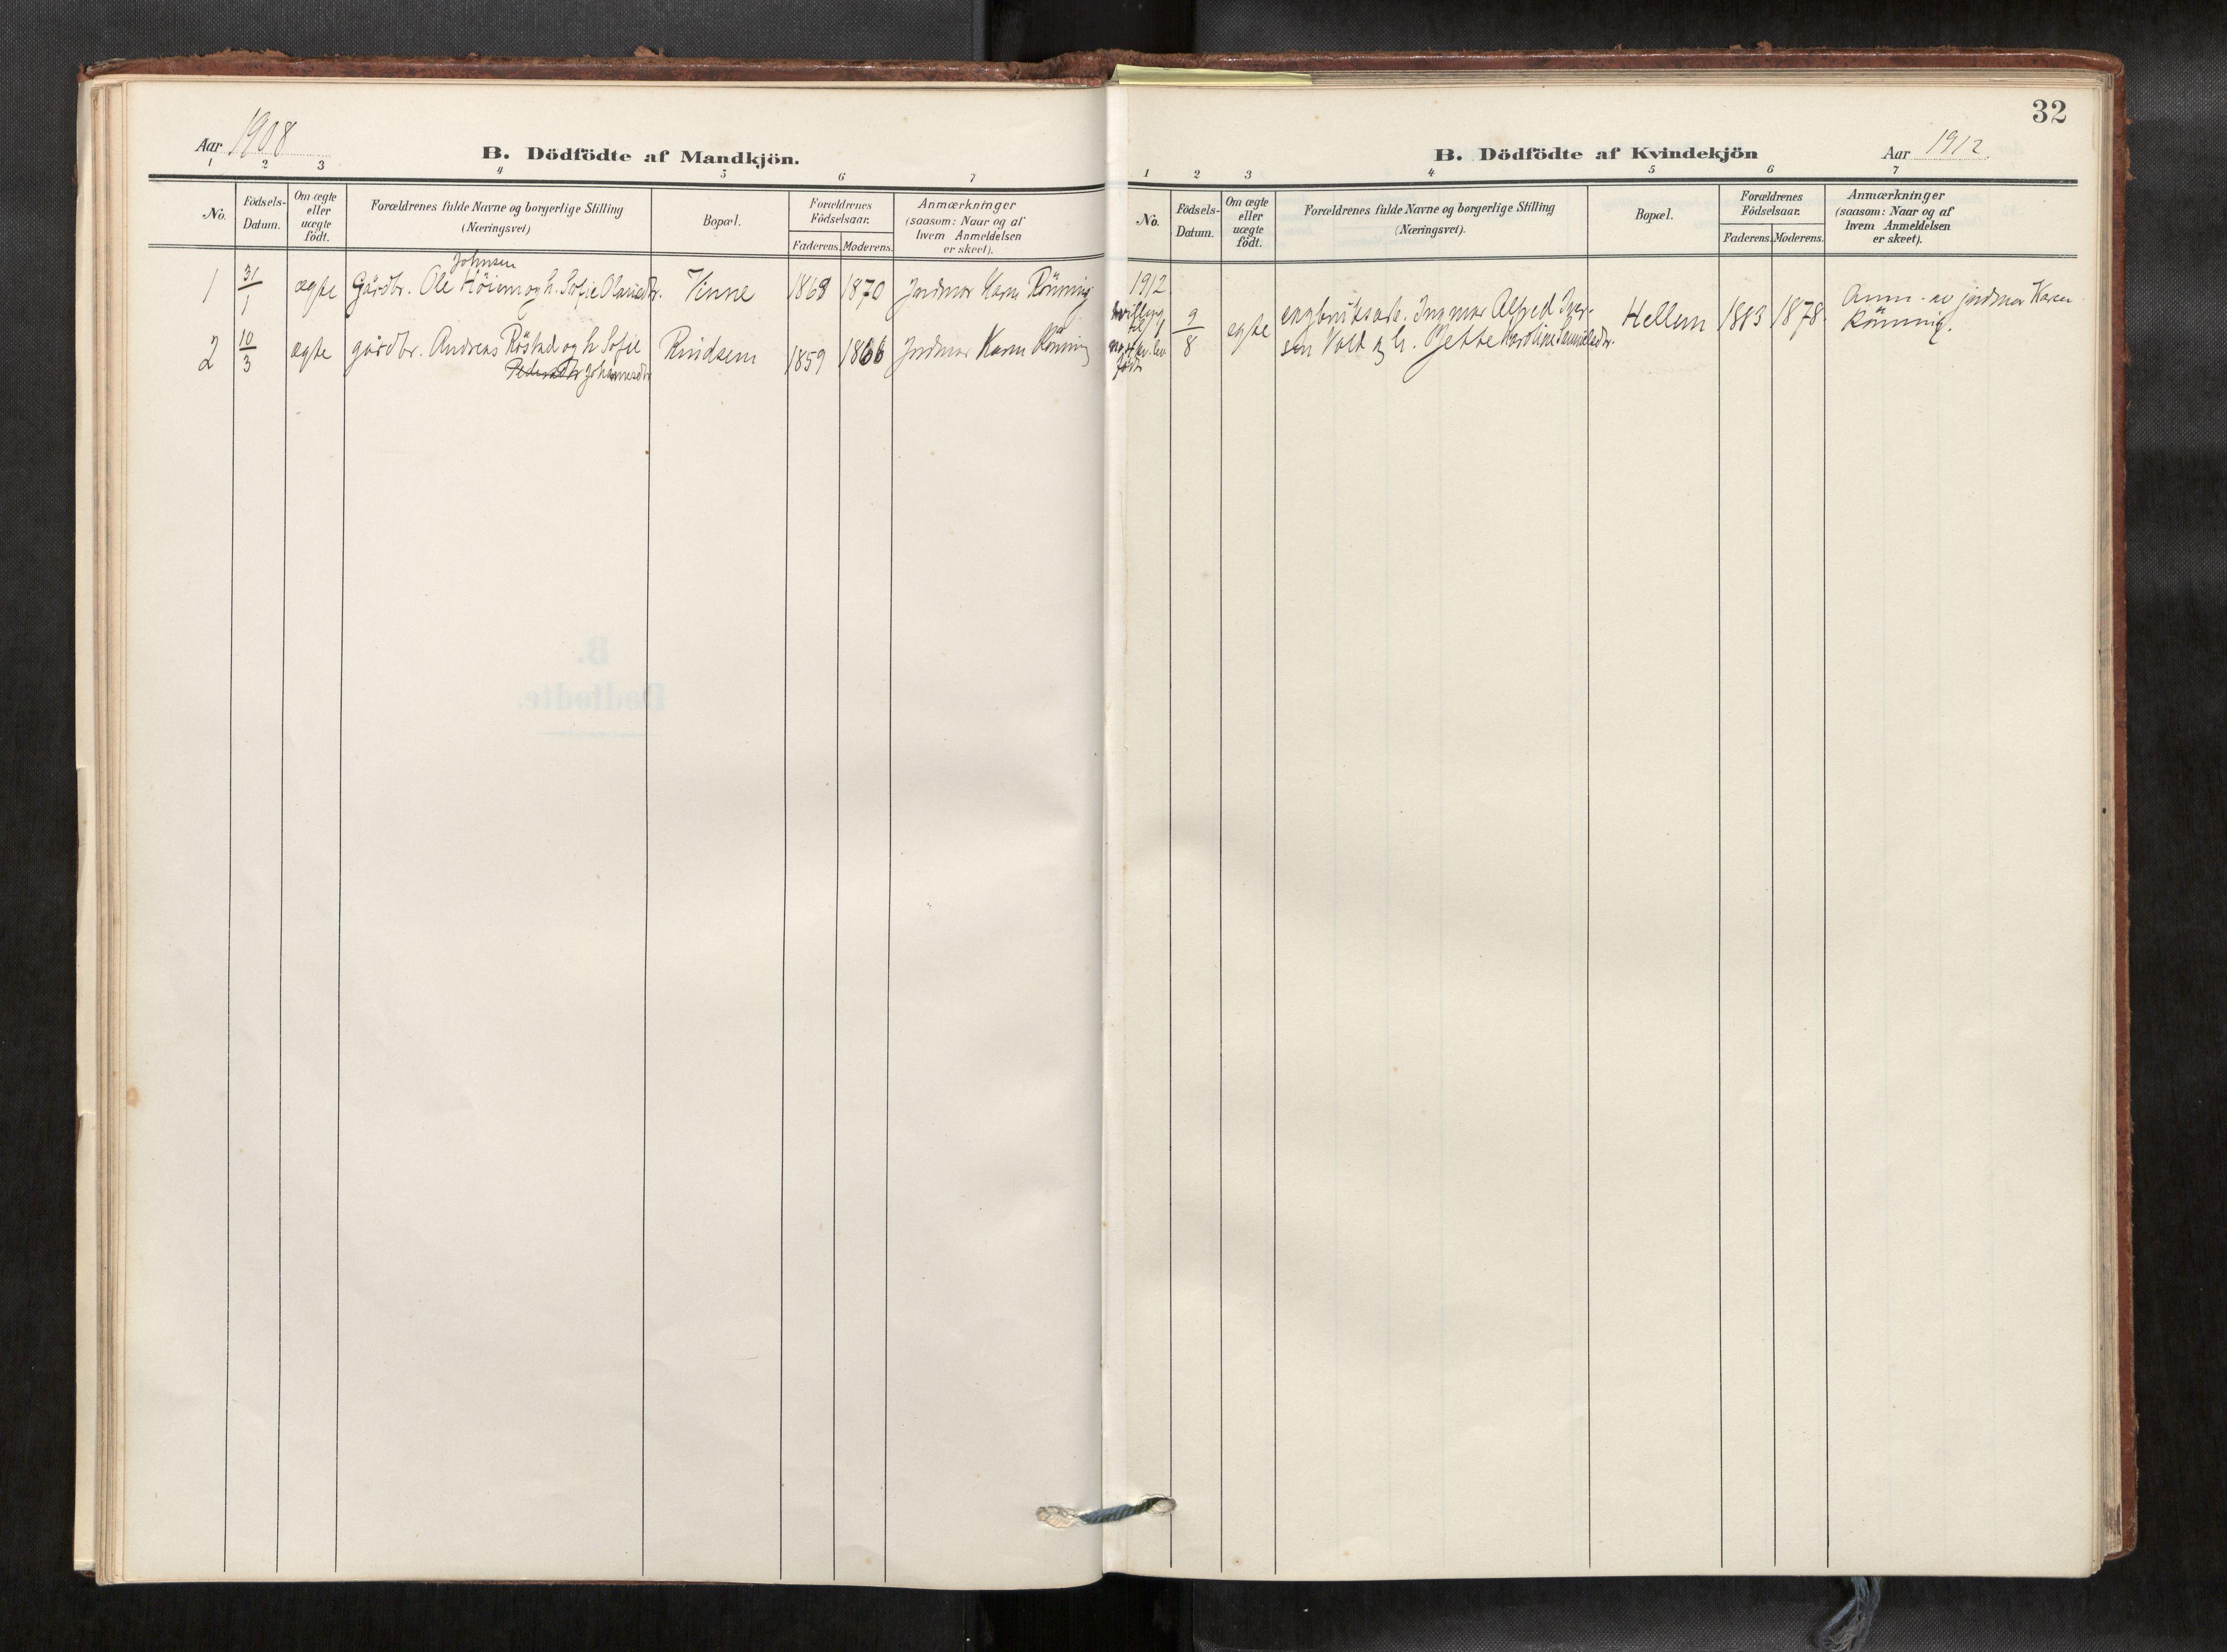 SAT, Verdal sokneprestkontor*, Parish register (official) no. 2, 1907-1921, p. 32